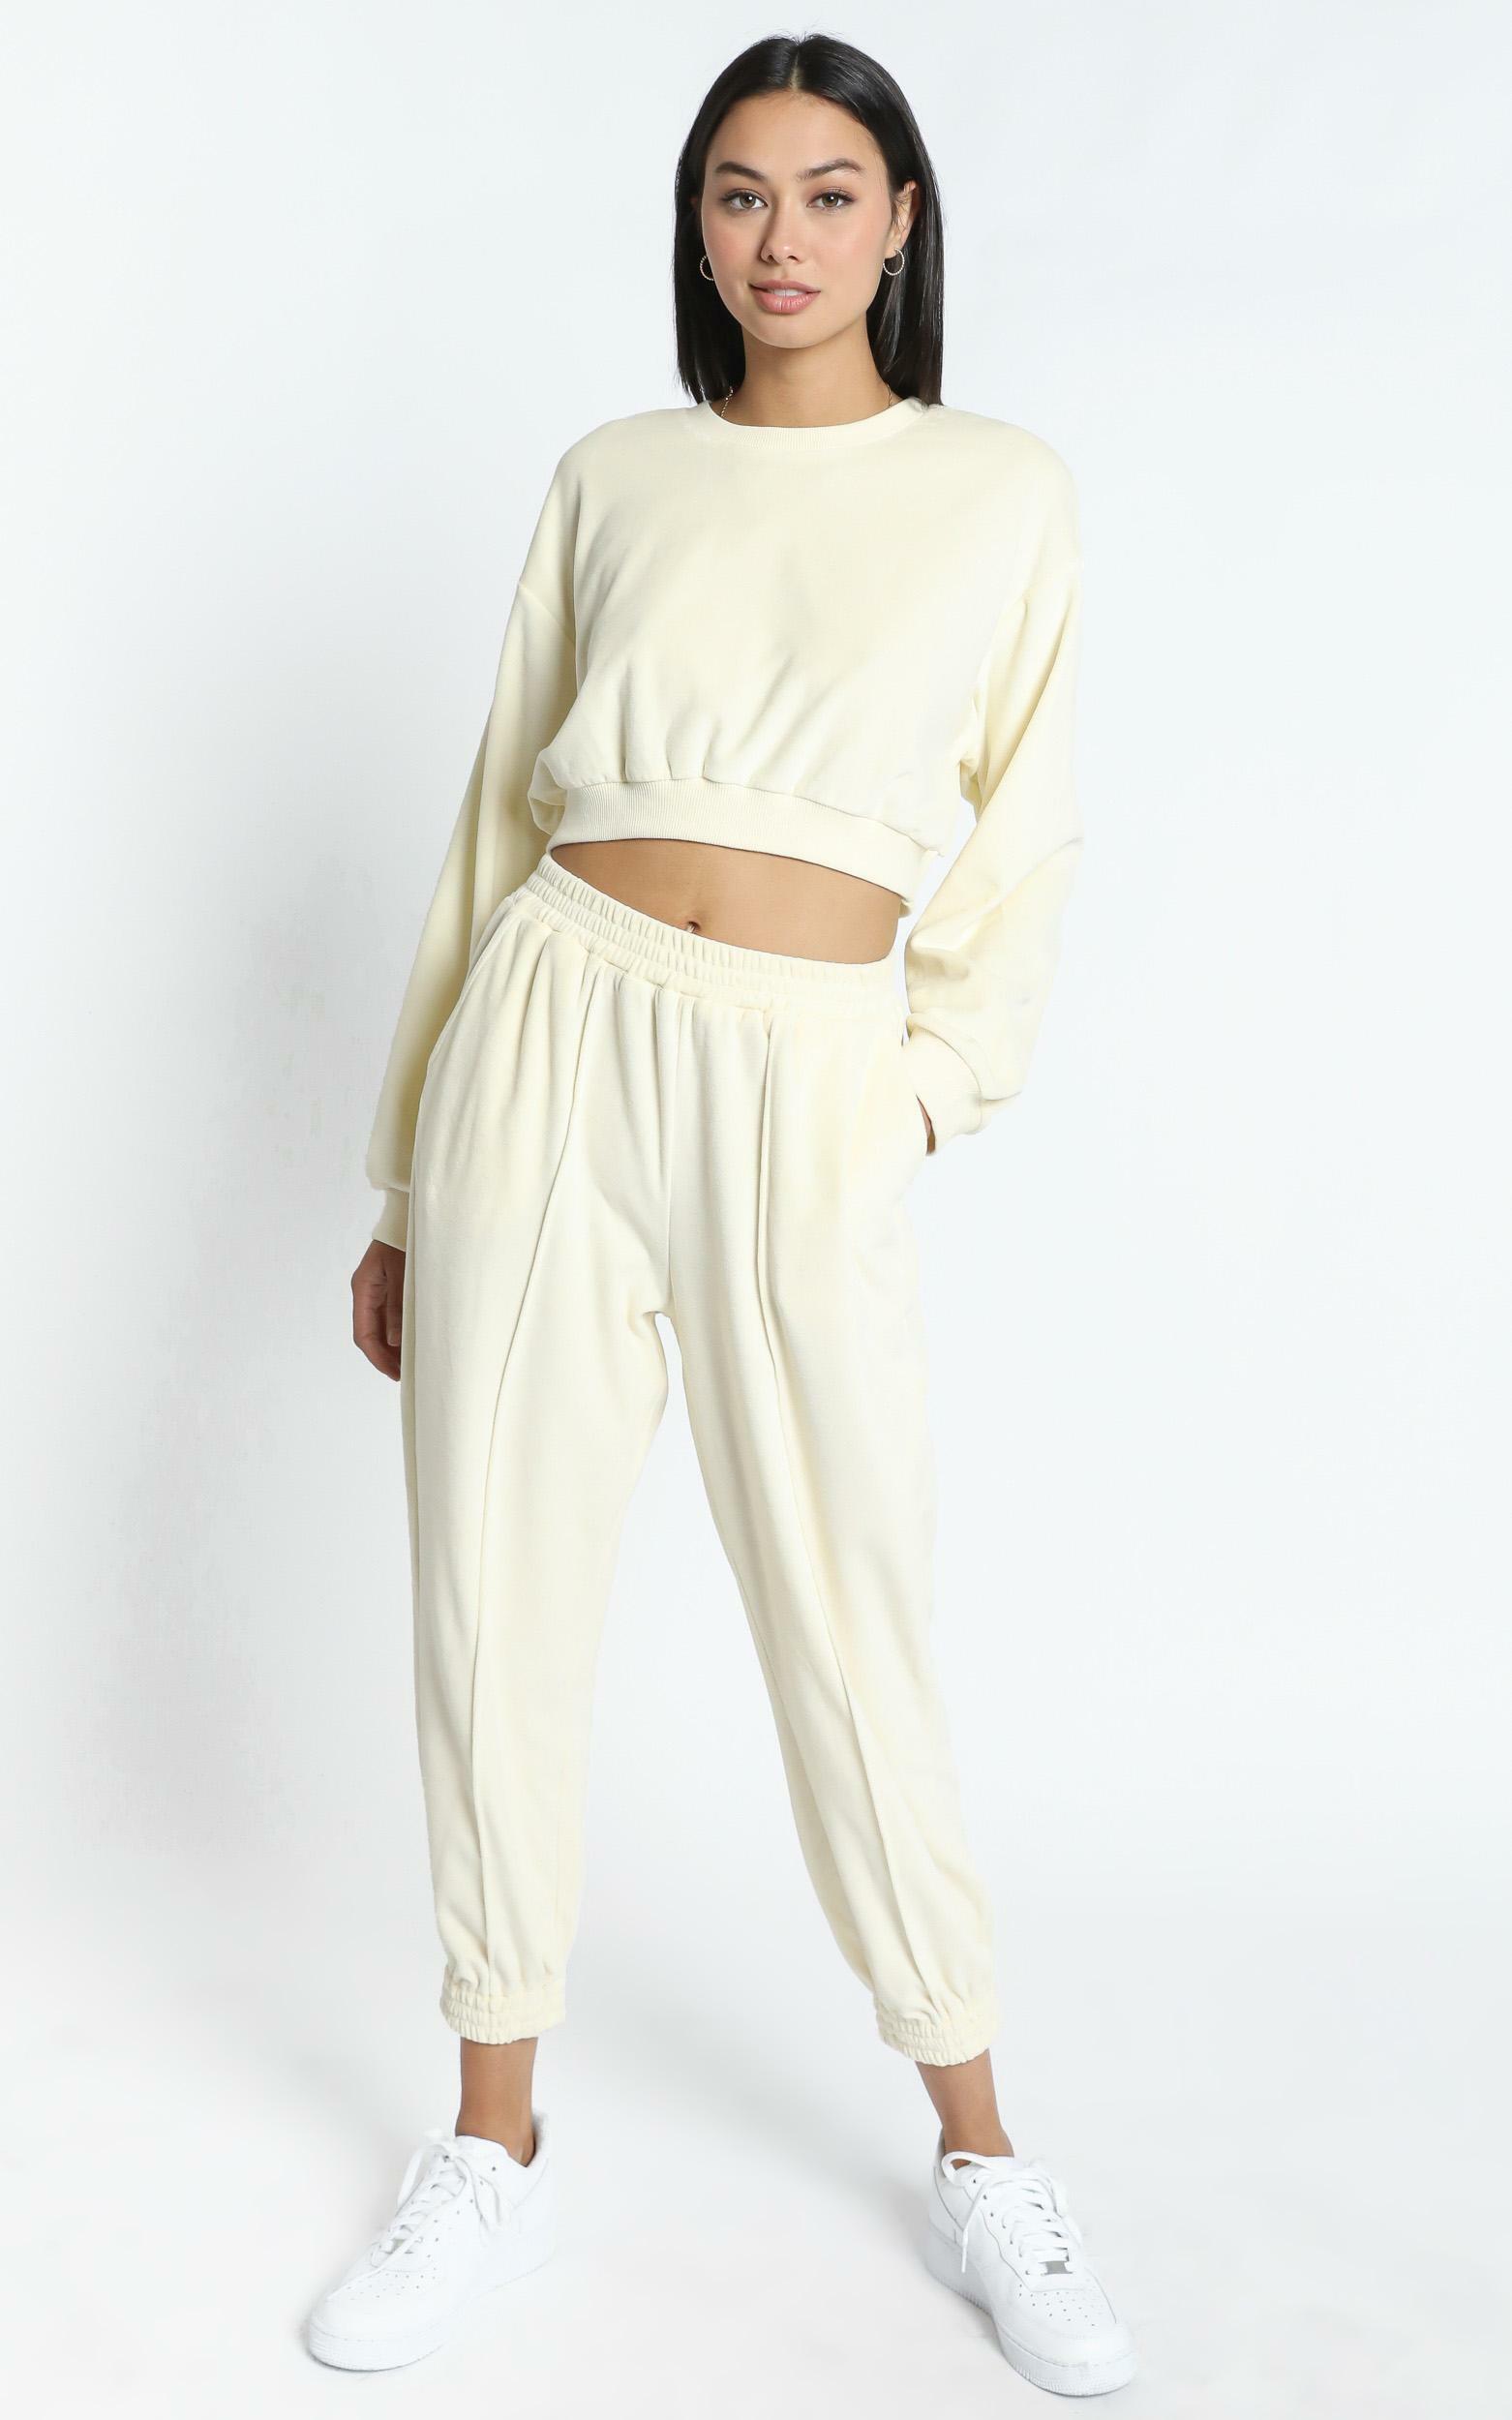 Merrick Sweat Pants in Cream - 12 (L), Cream, hi-res image number null